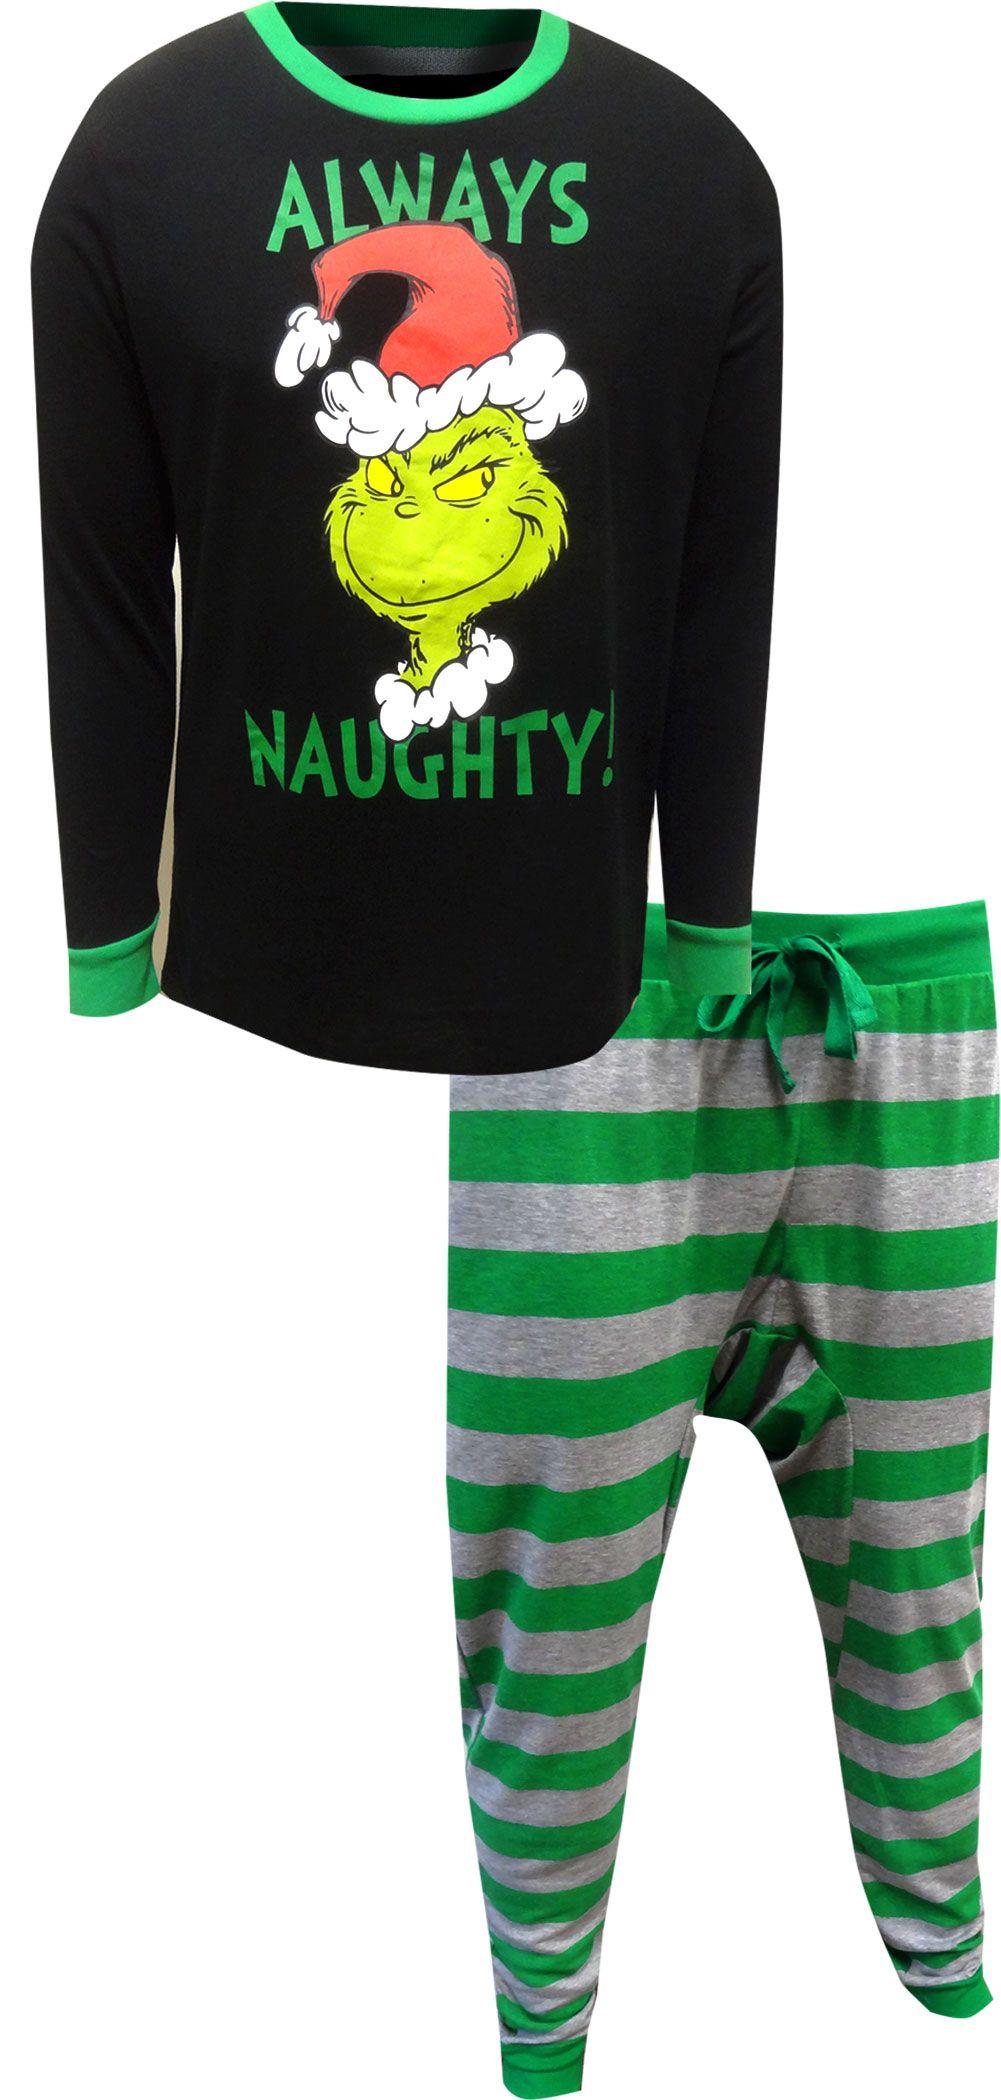 Dr. Seuss The Grinch Always Naughty Guys Pajamas Pajamas